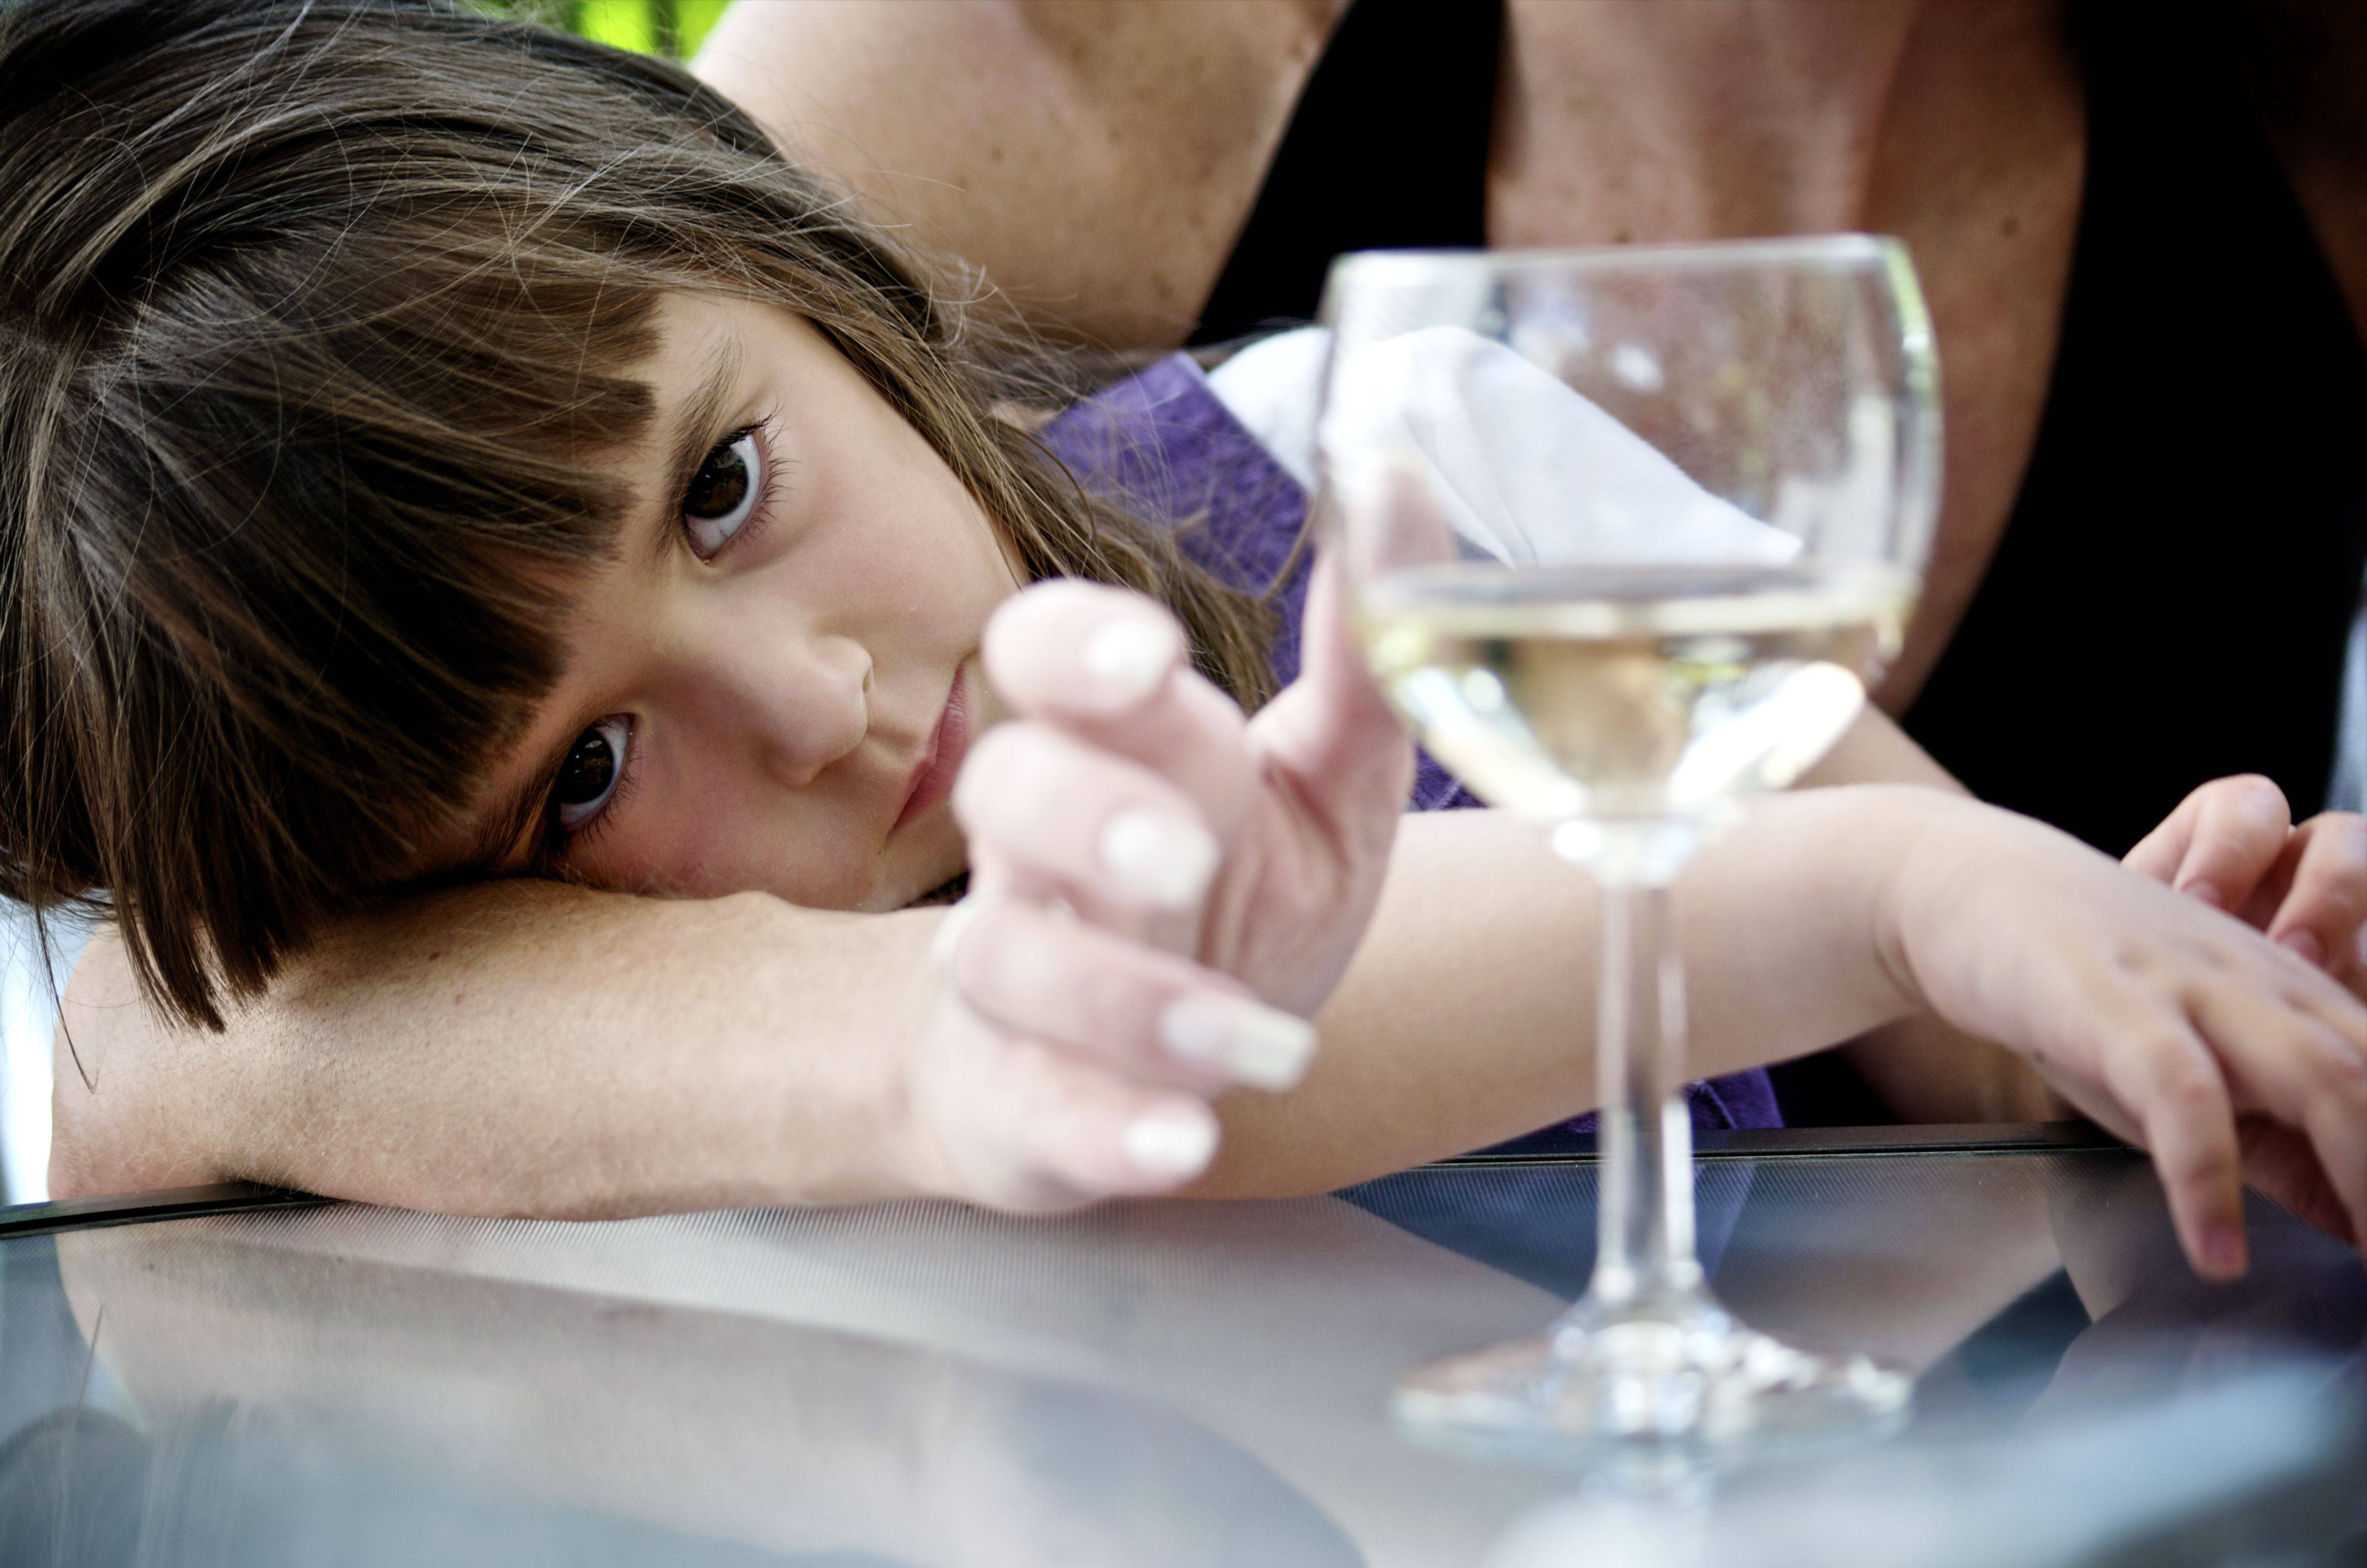 Отец выпивает. как это скажется на детях? предрасположенность к алкоголизму